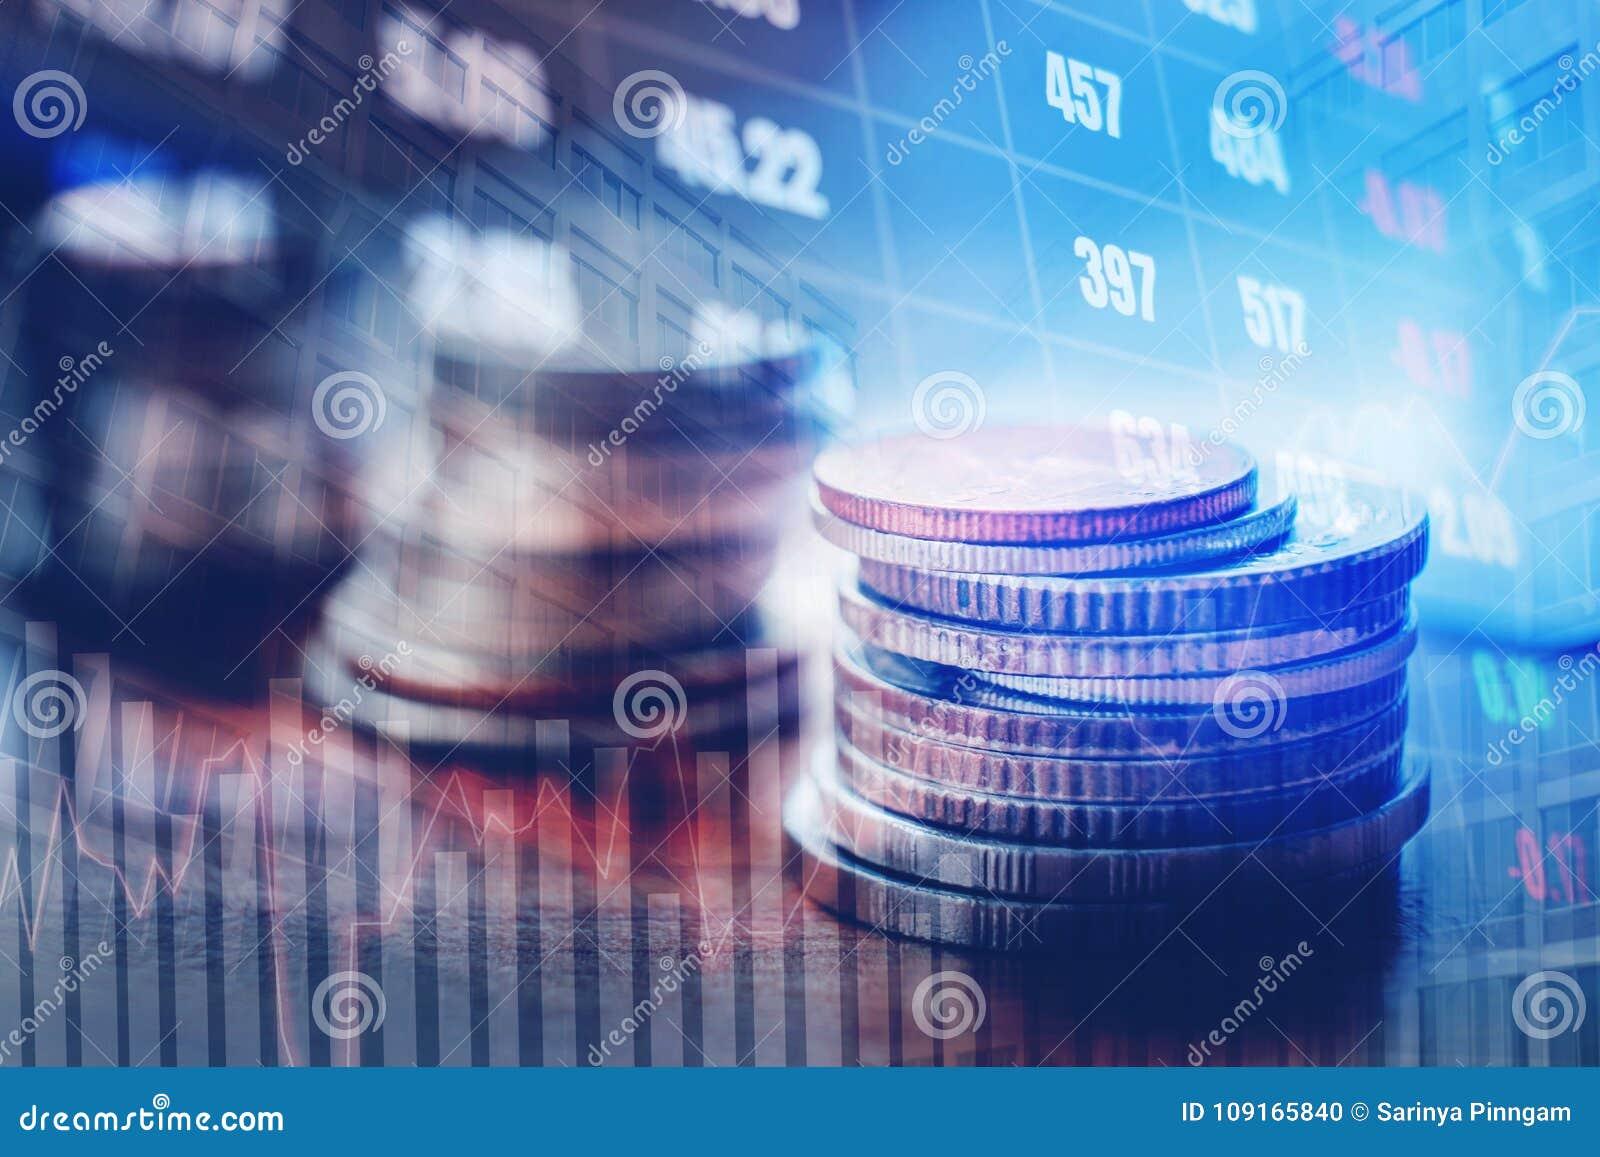 Graf på rader av mynt för finans och bankrörelsen på digitalt materiel